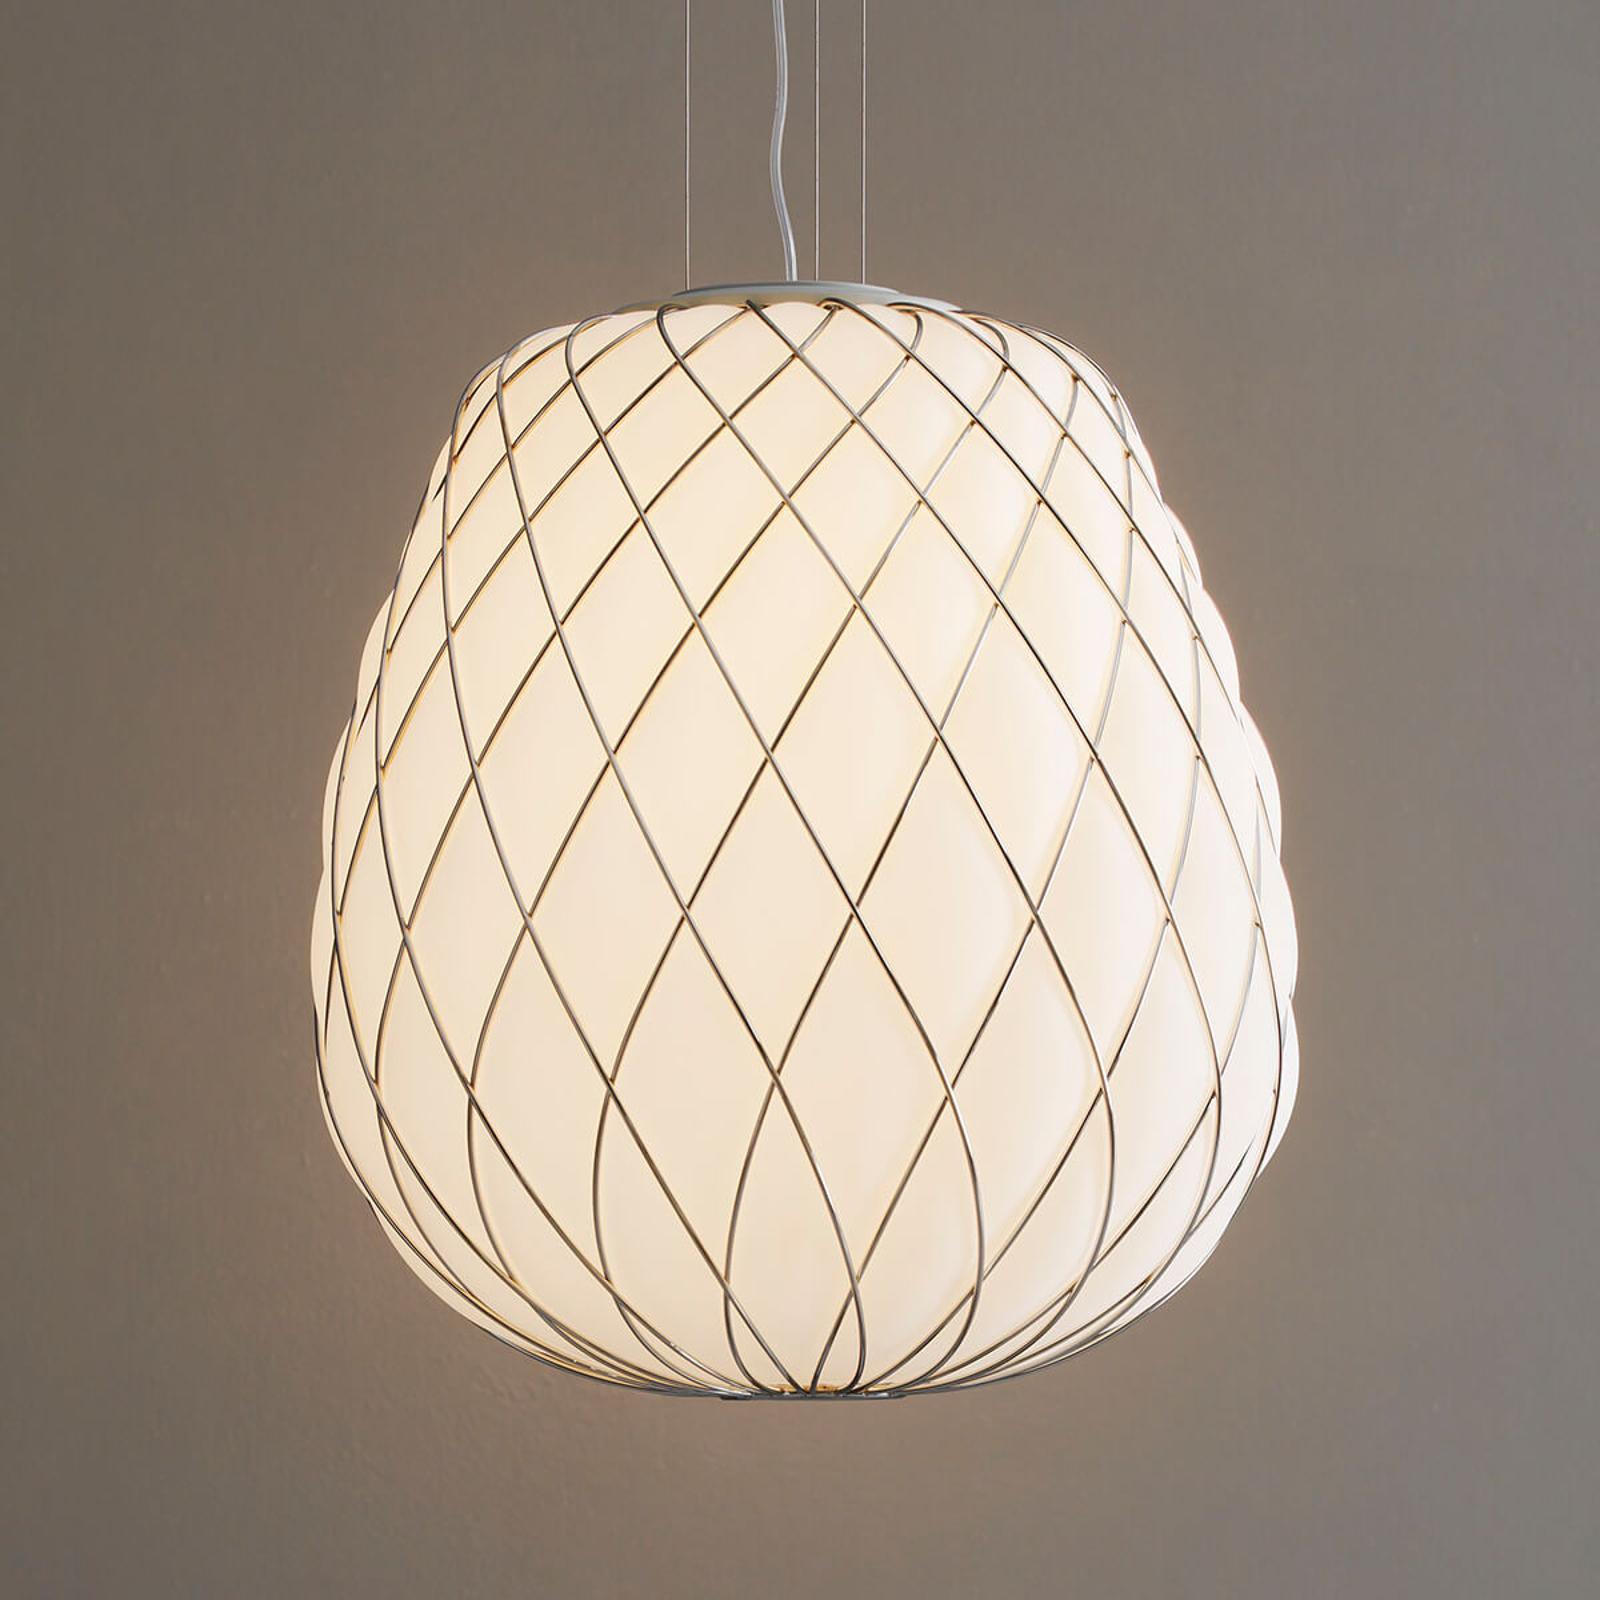 Pinecone - design hanglamp van melkglas